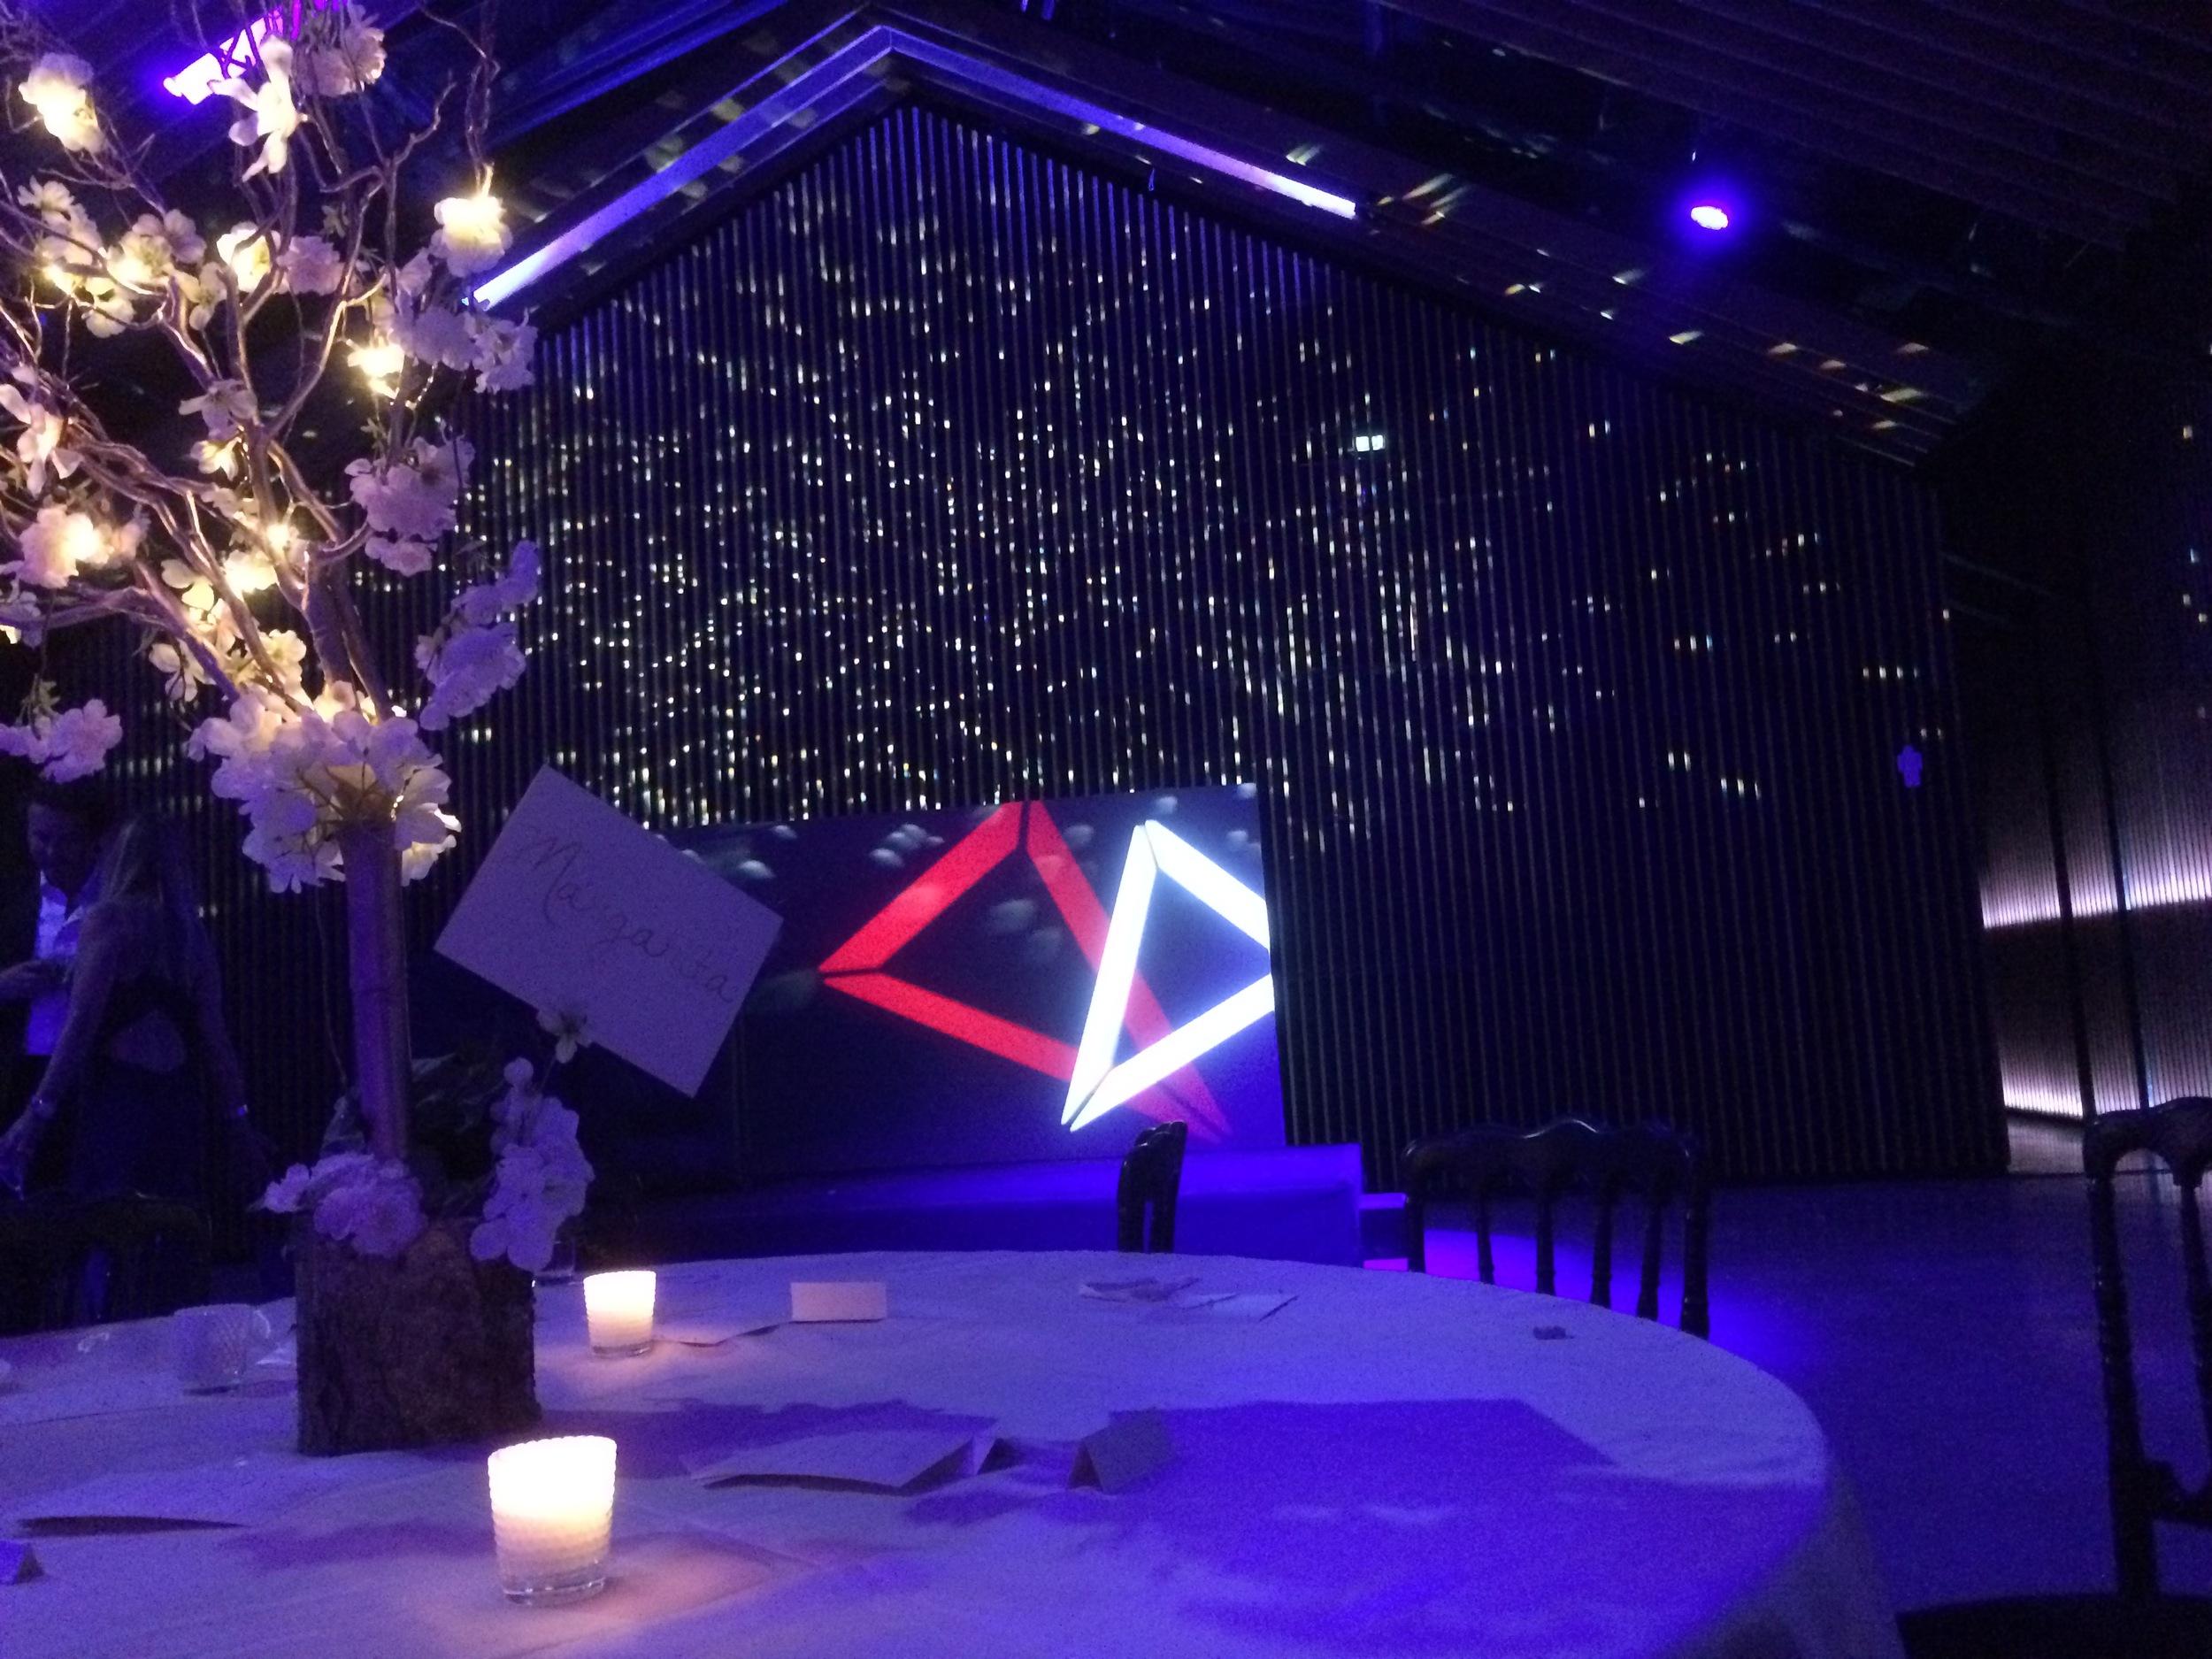 23 Juin 2016 mise en place de l'installation technique son & lumière pour un Set DJ live